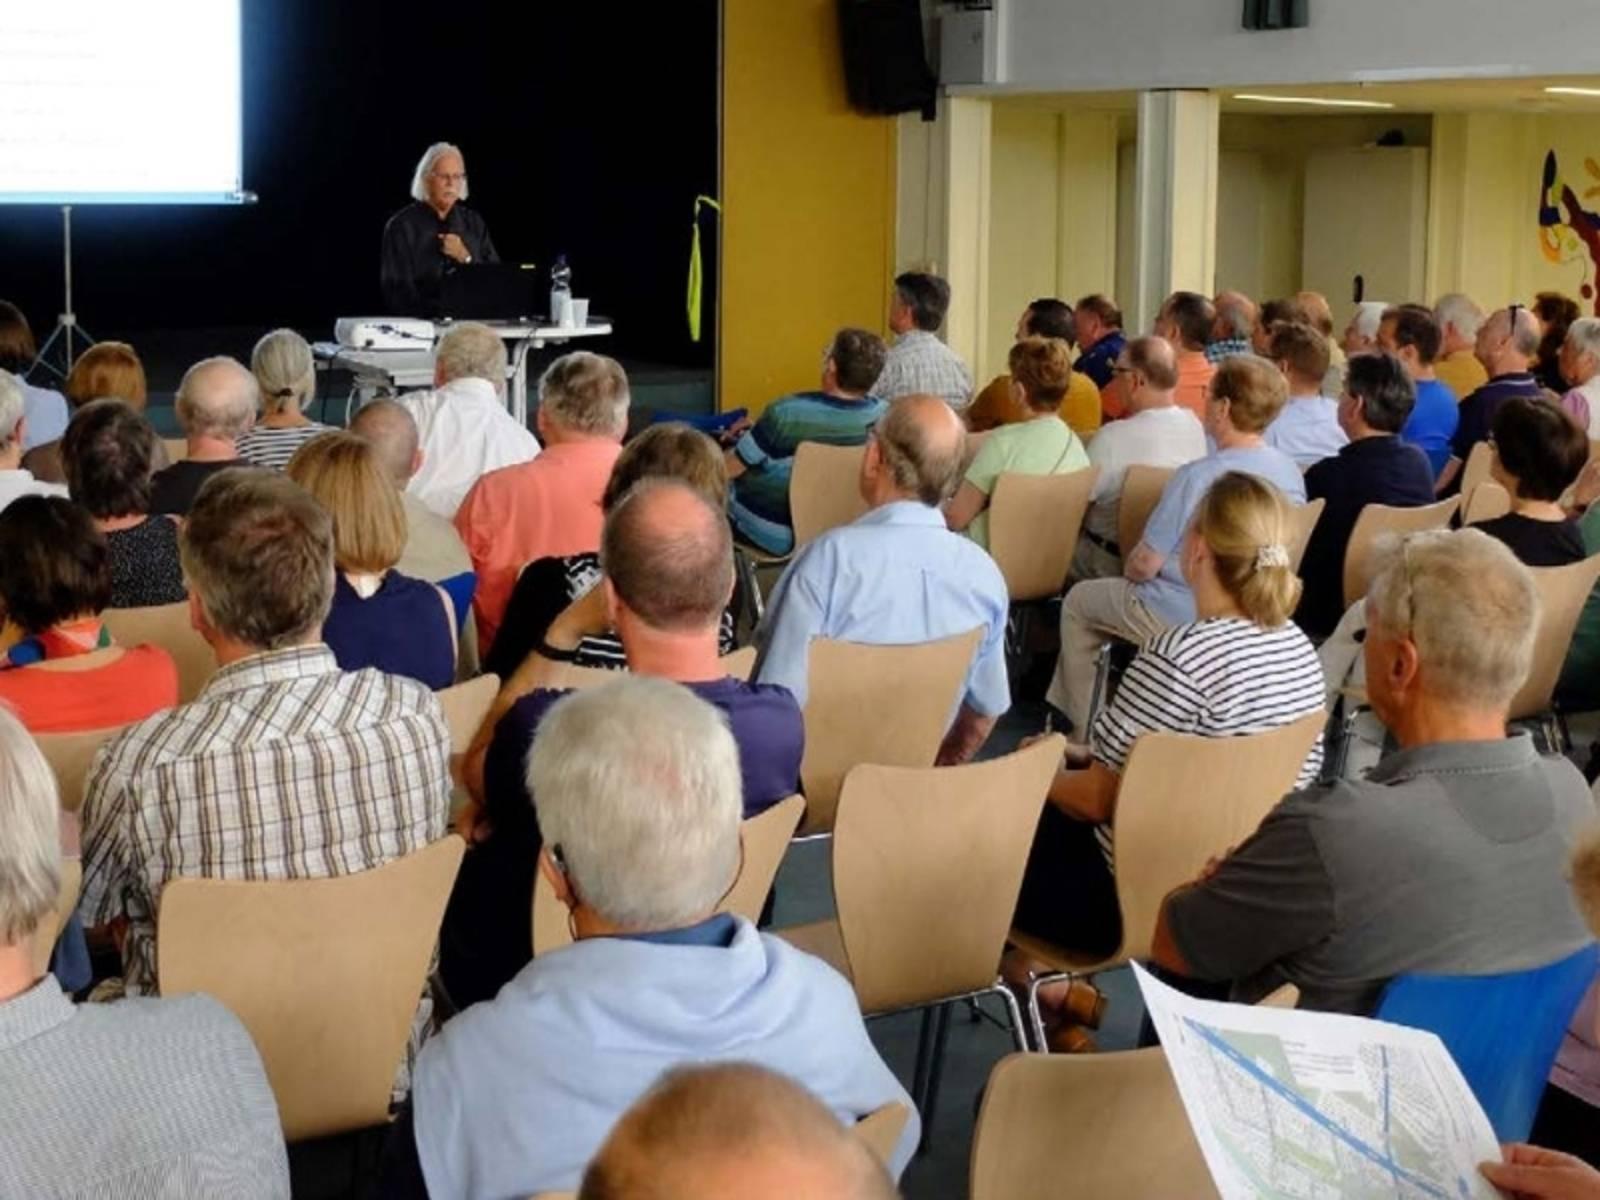 Vortrag vor Bürgerinnen und Bürgern.